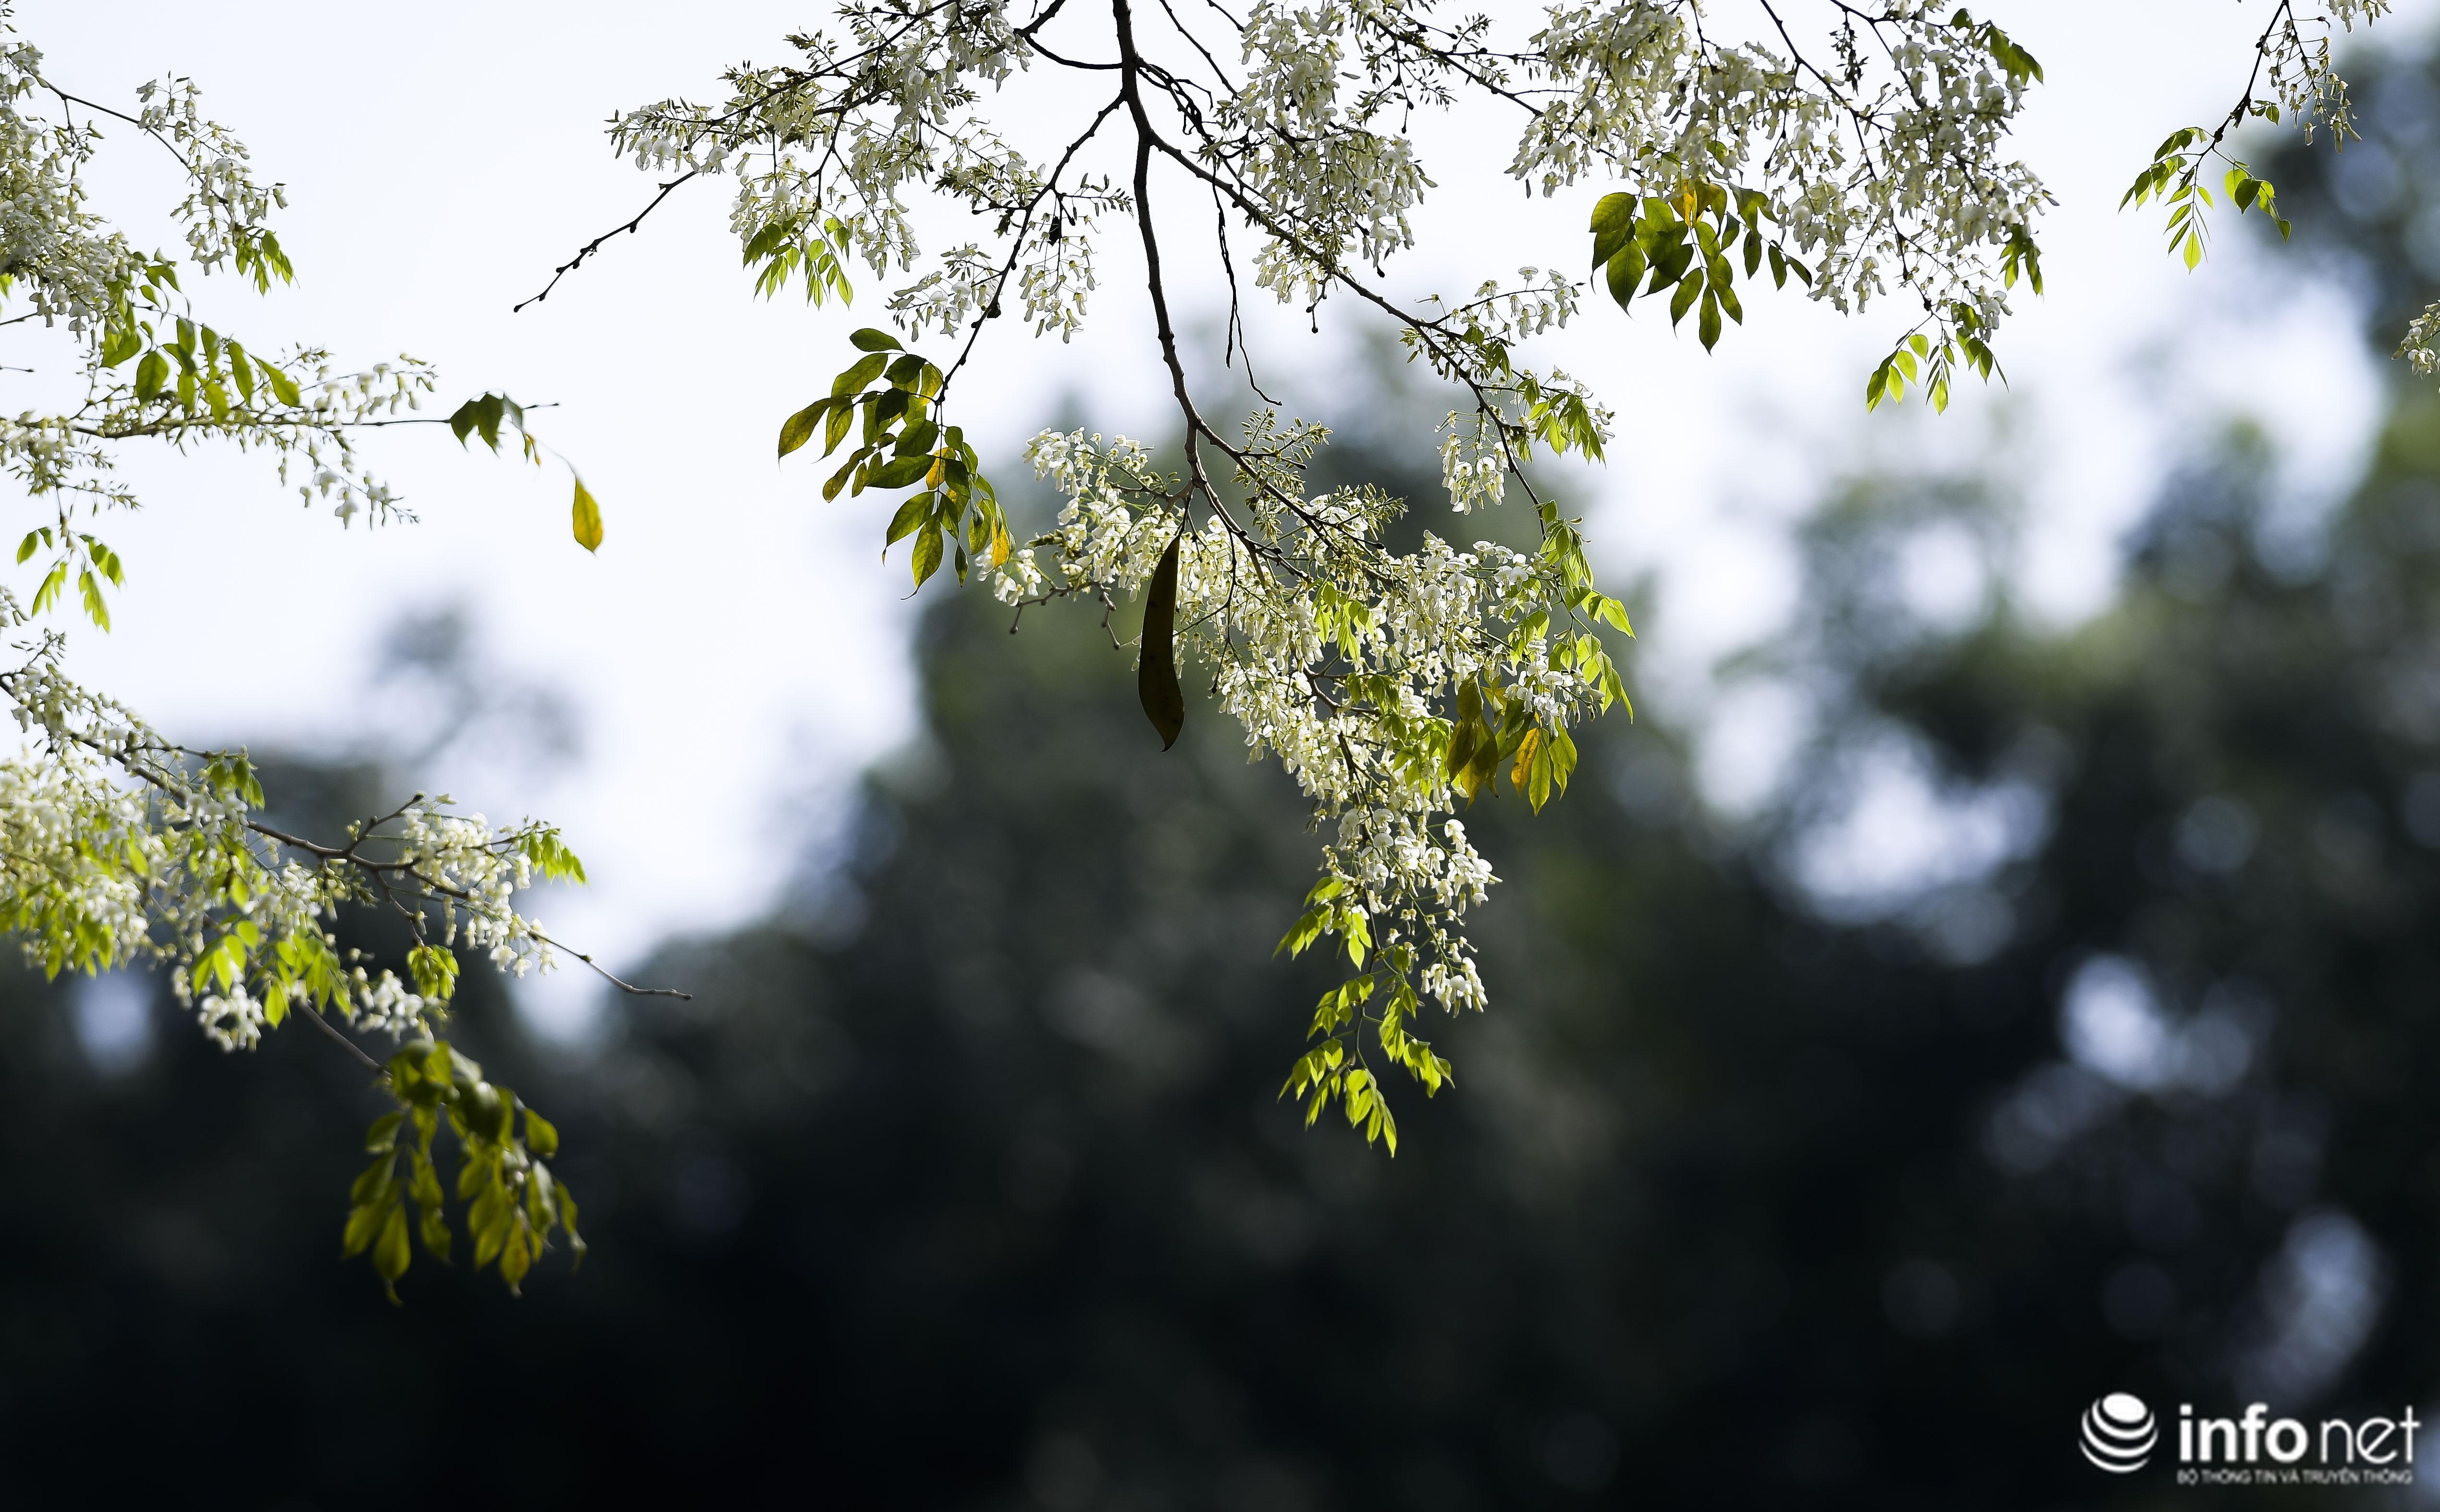 Ngắm hoa sưa nở trắng phố phường Hà Nội Ảnh 9